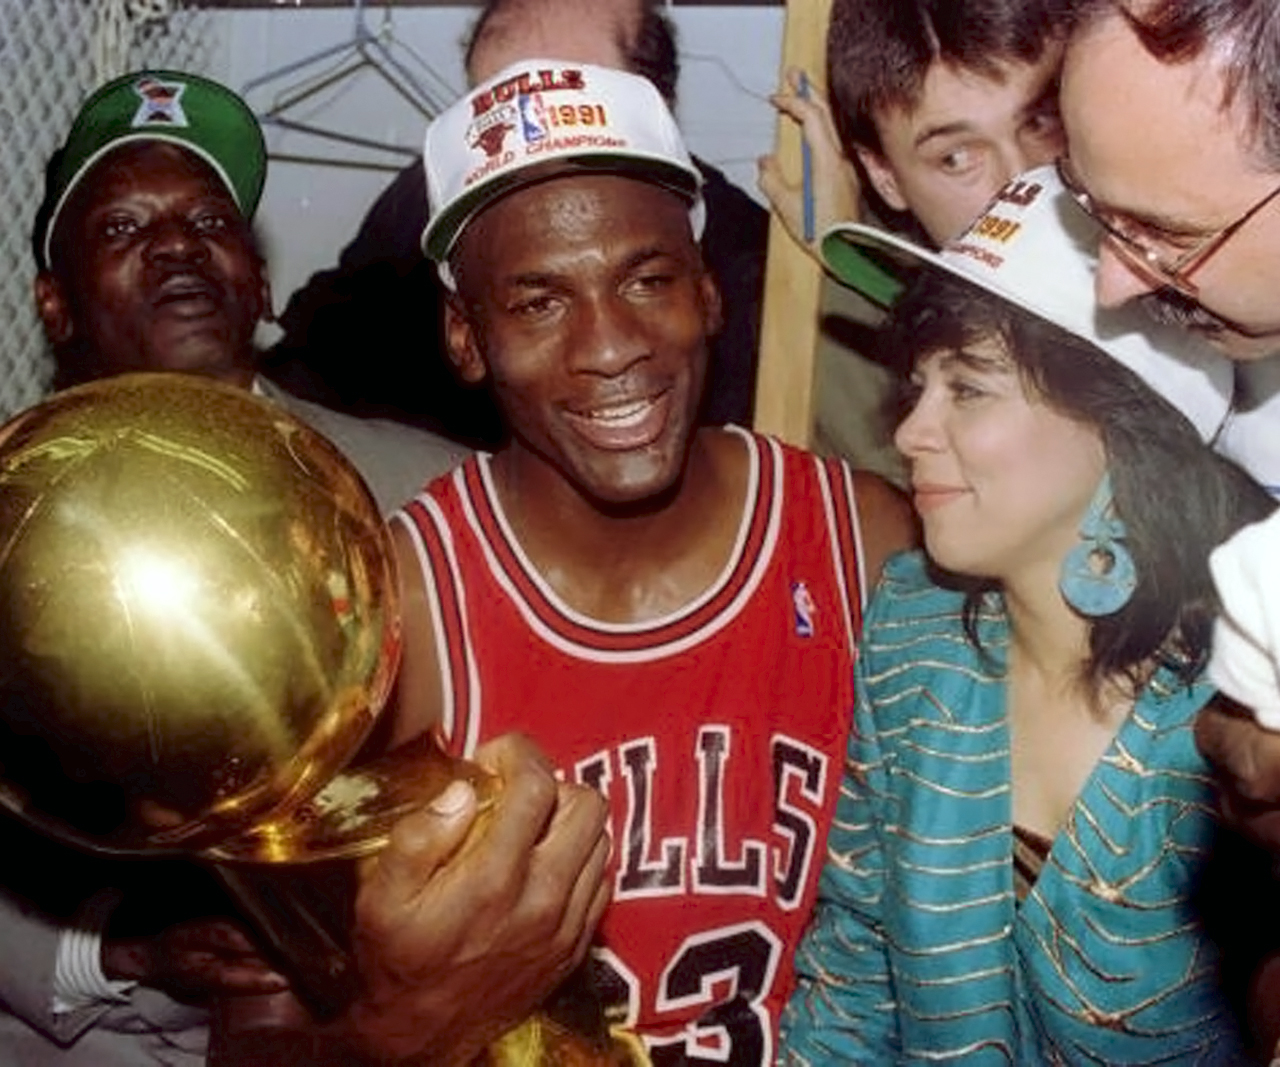 Майкл Джордан с женой Хуанитой и отцом Джеймсом после победы «Чикаго Буллз» против «Лос-Анджелес Лейкерс» в финале NBA 1991 года